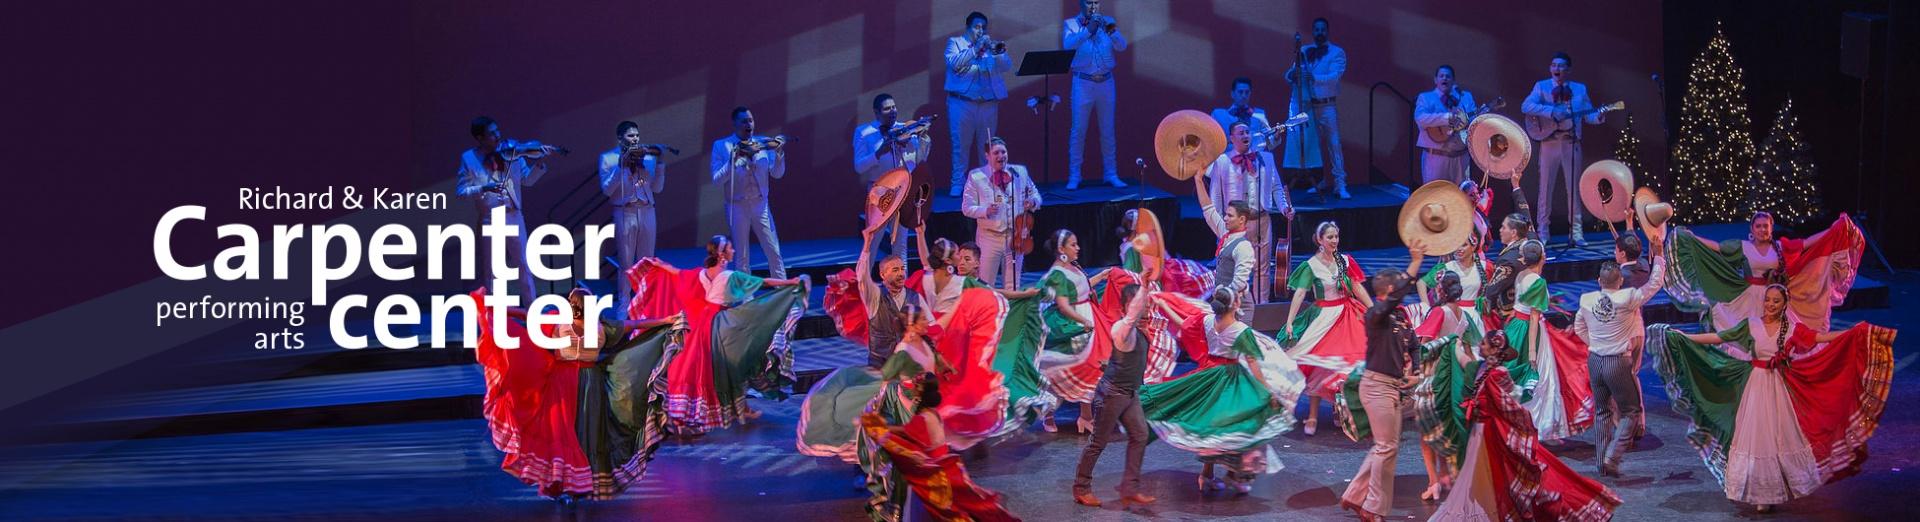 Ballet Folklórico de Los Ángeles & Mariachi Garibaldi de Jaime Cuéllar